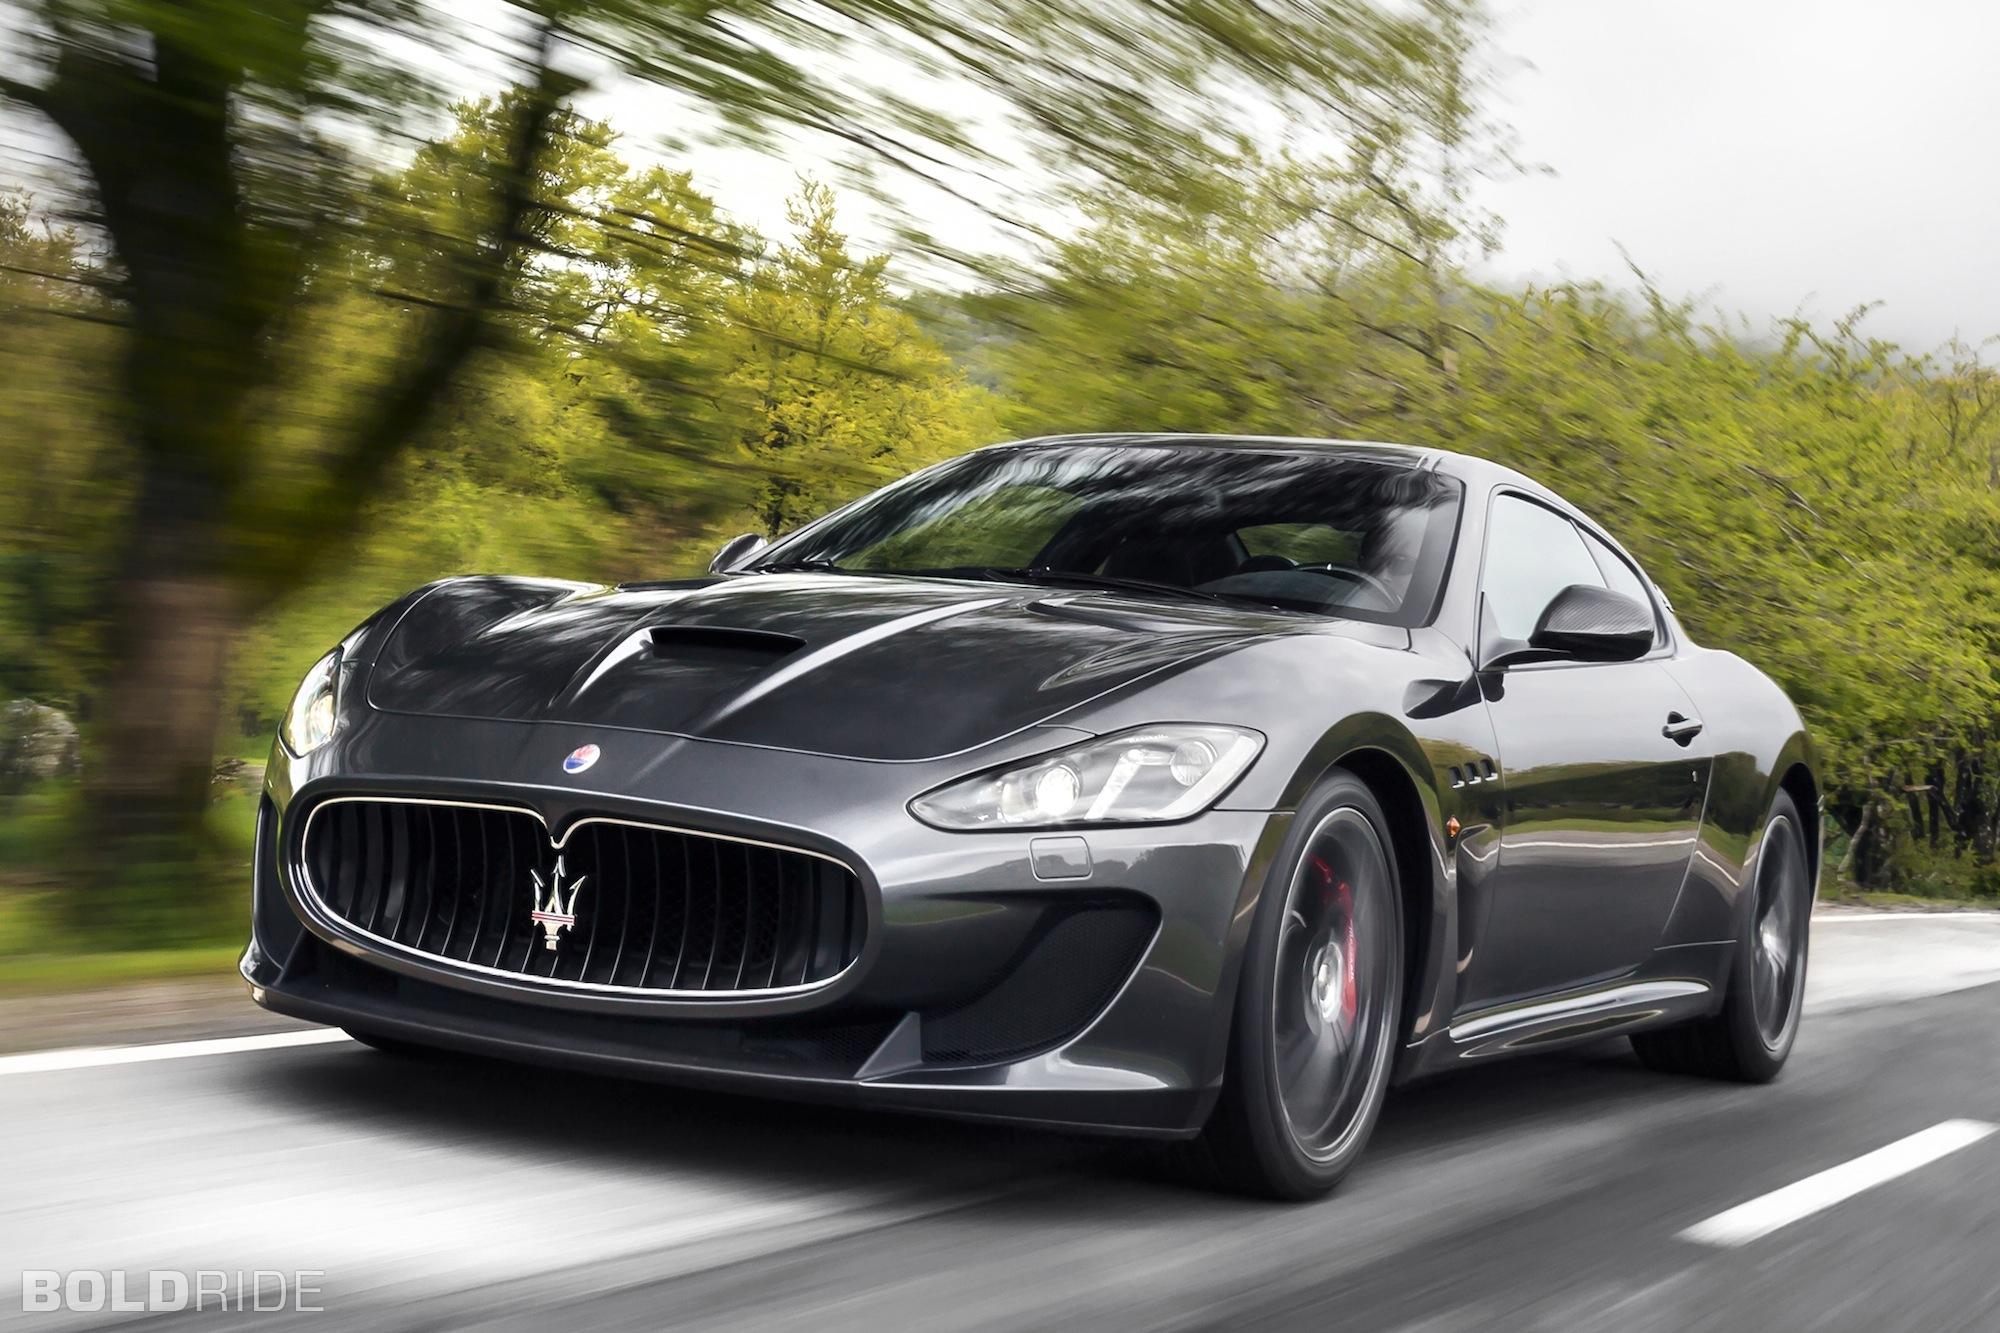 Maserati GranTurismo Photo